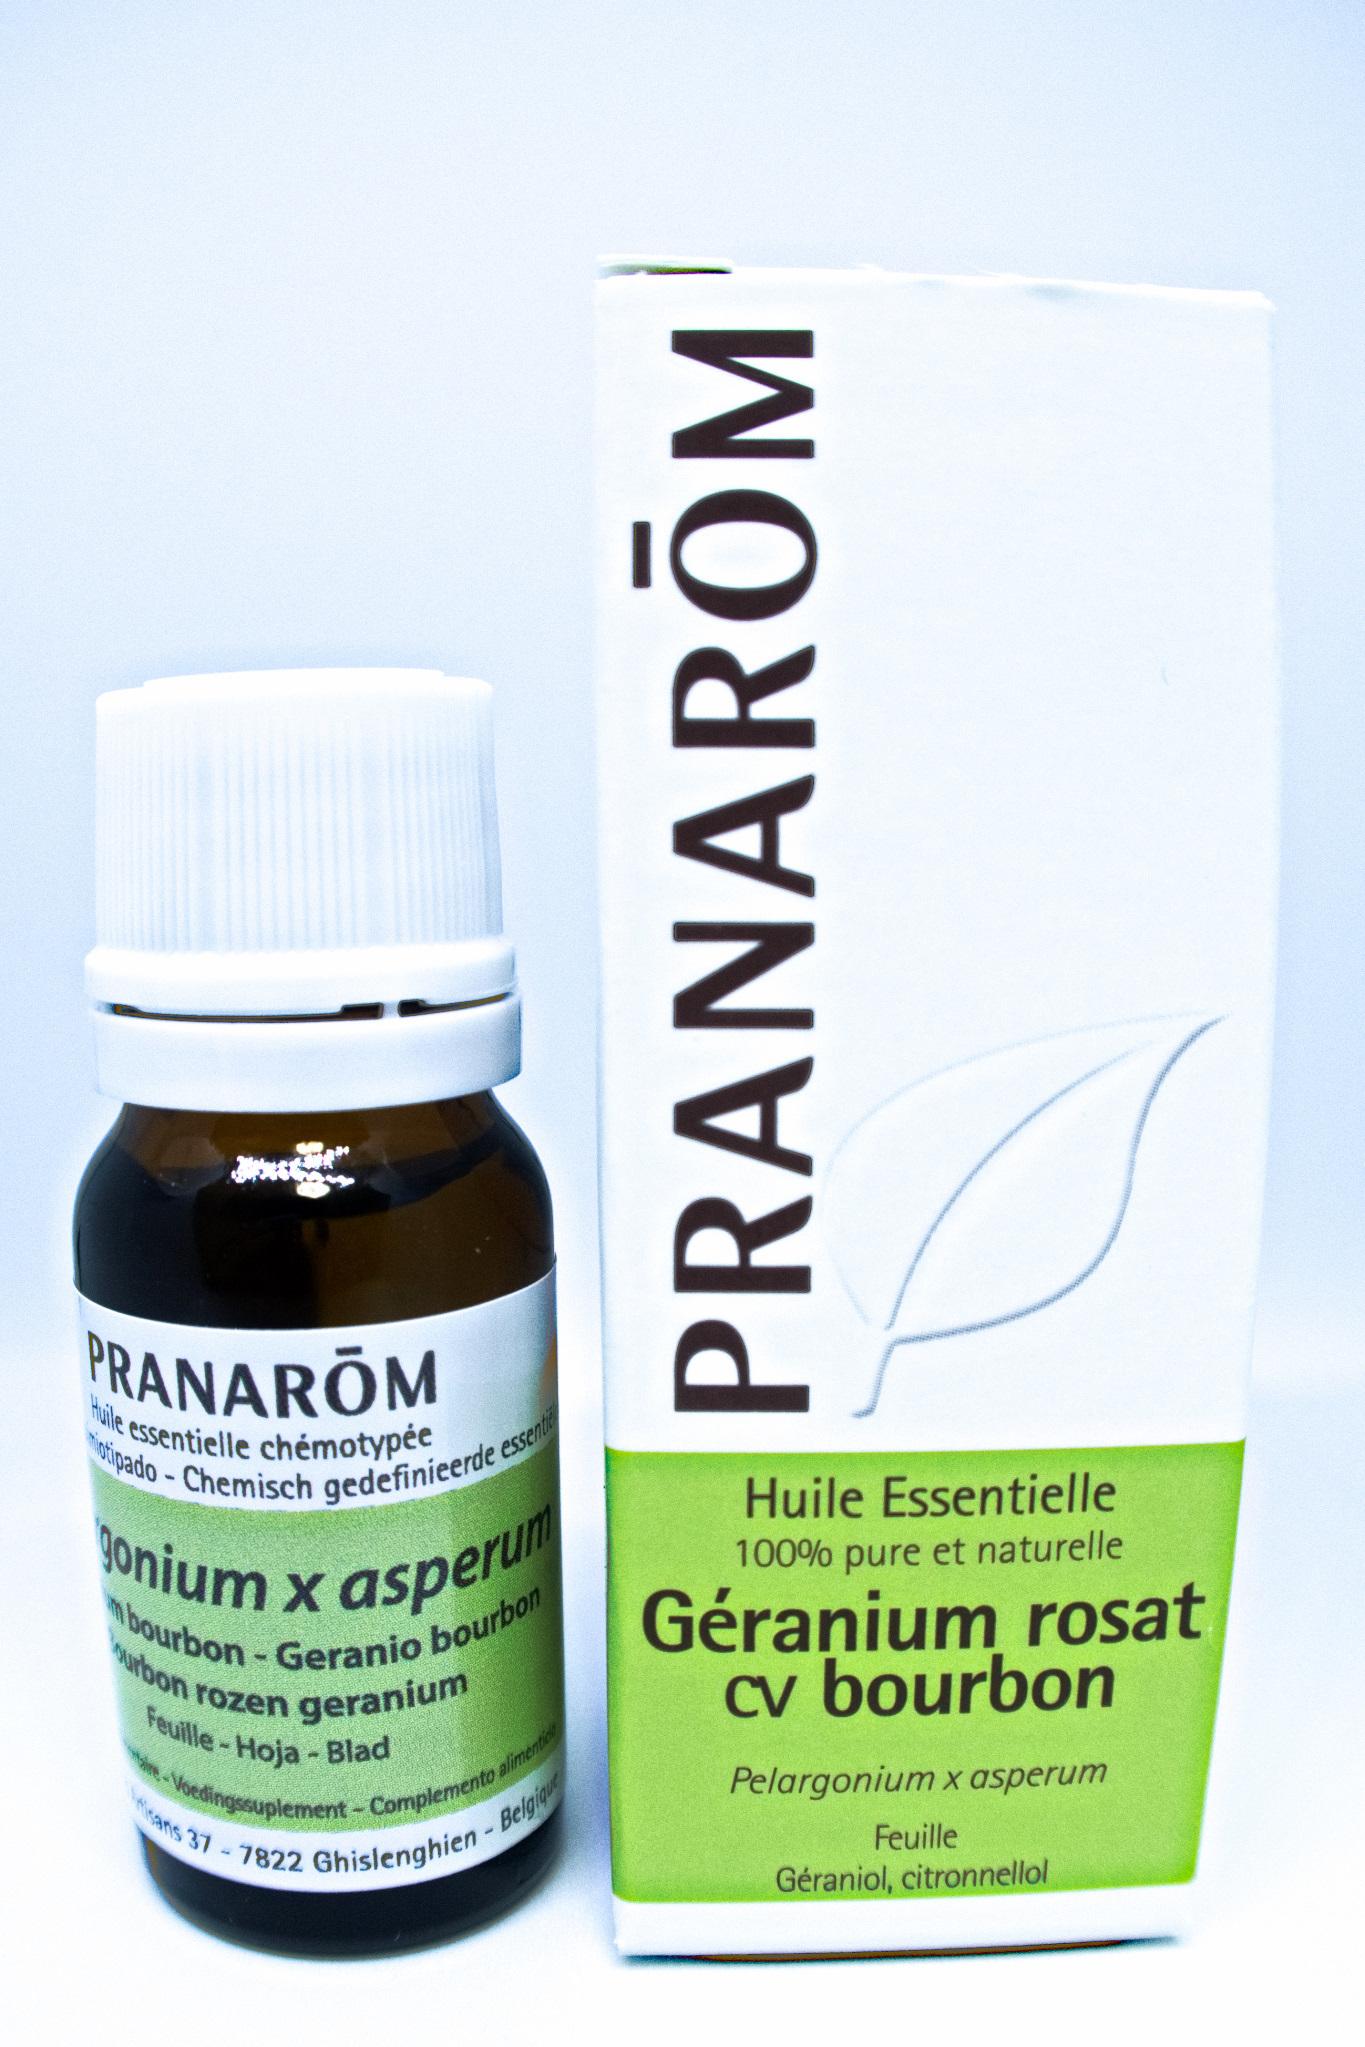 プラナロム ゼラニウム・ブルボン 10ml (PRANAROM Geranium rosat cv bourbone)